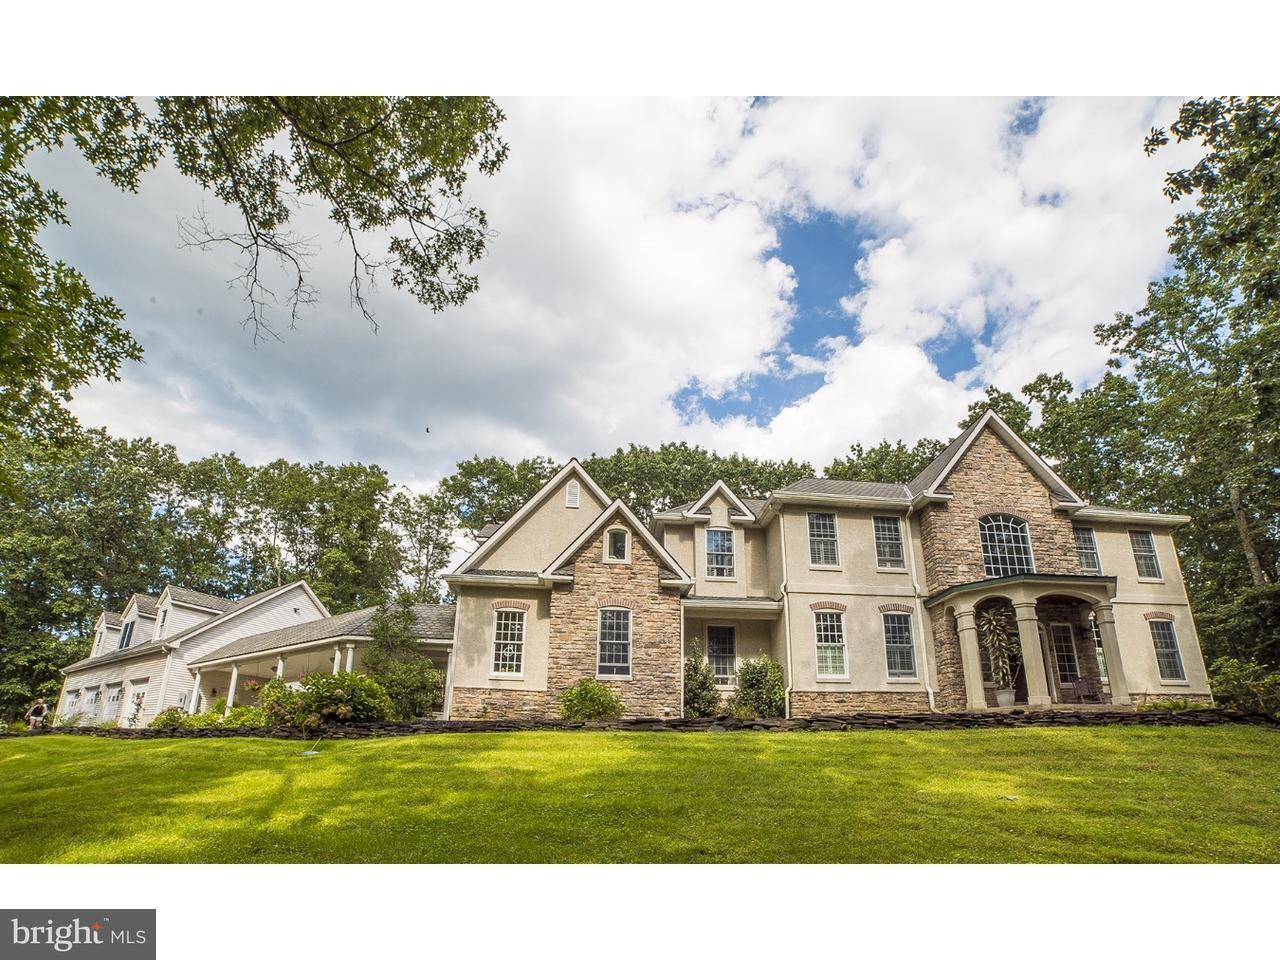 独户住宅 为 销售 在 3 GATE Road Tabernacle Twp, 新泽西州 08088 美国